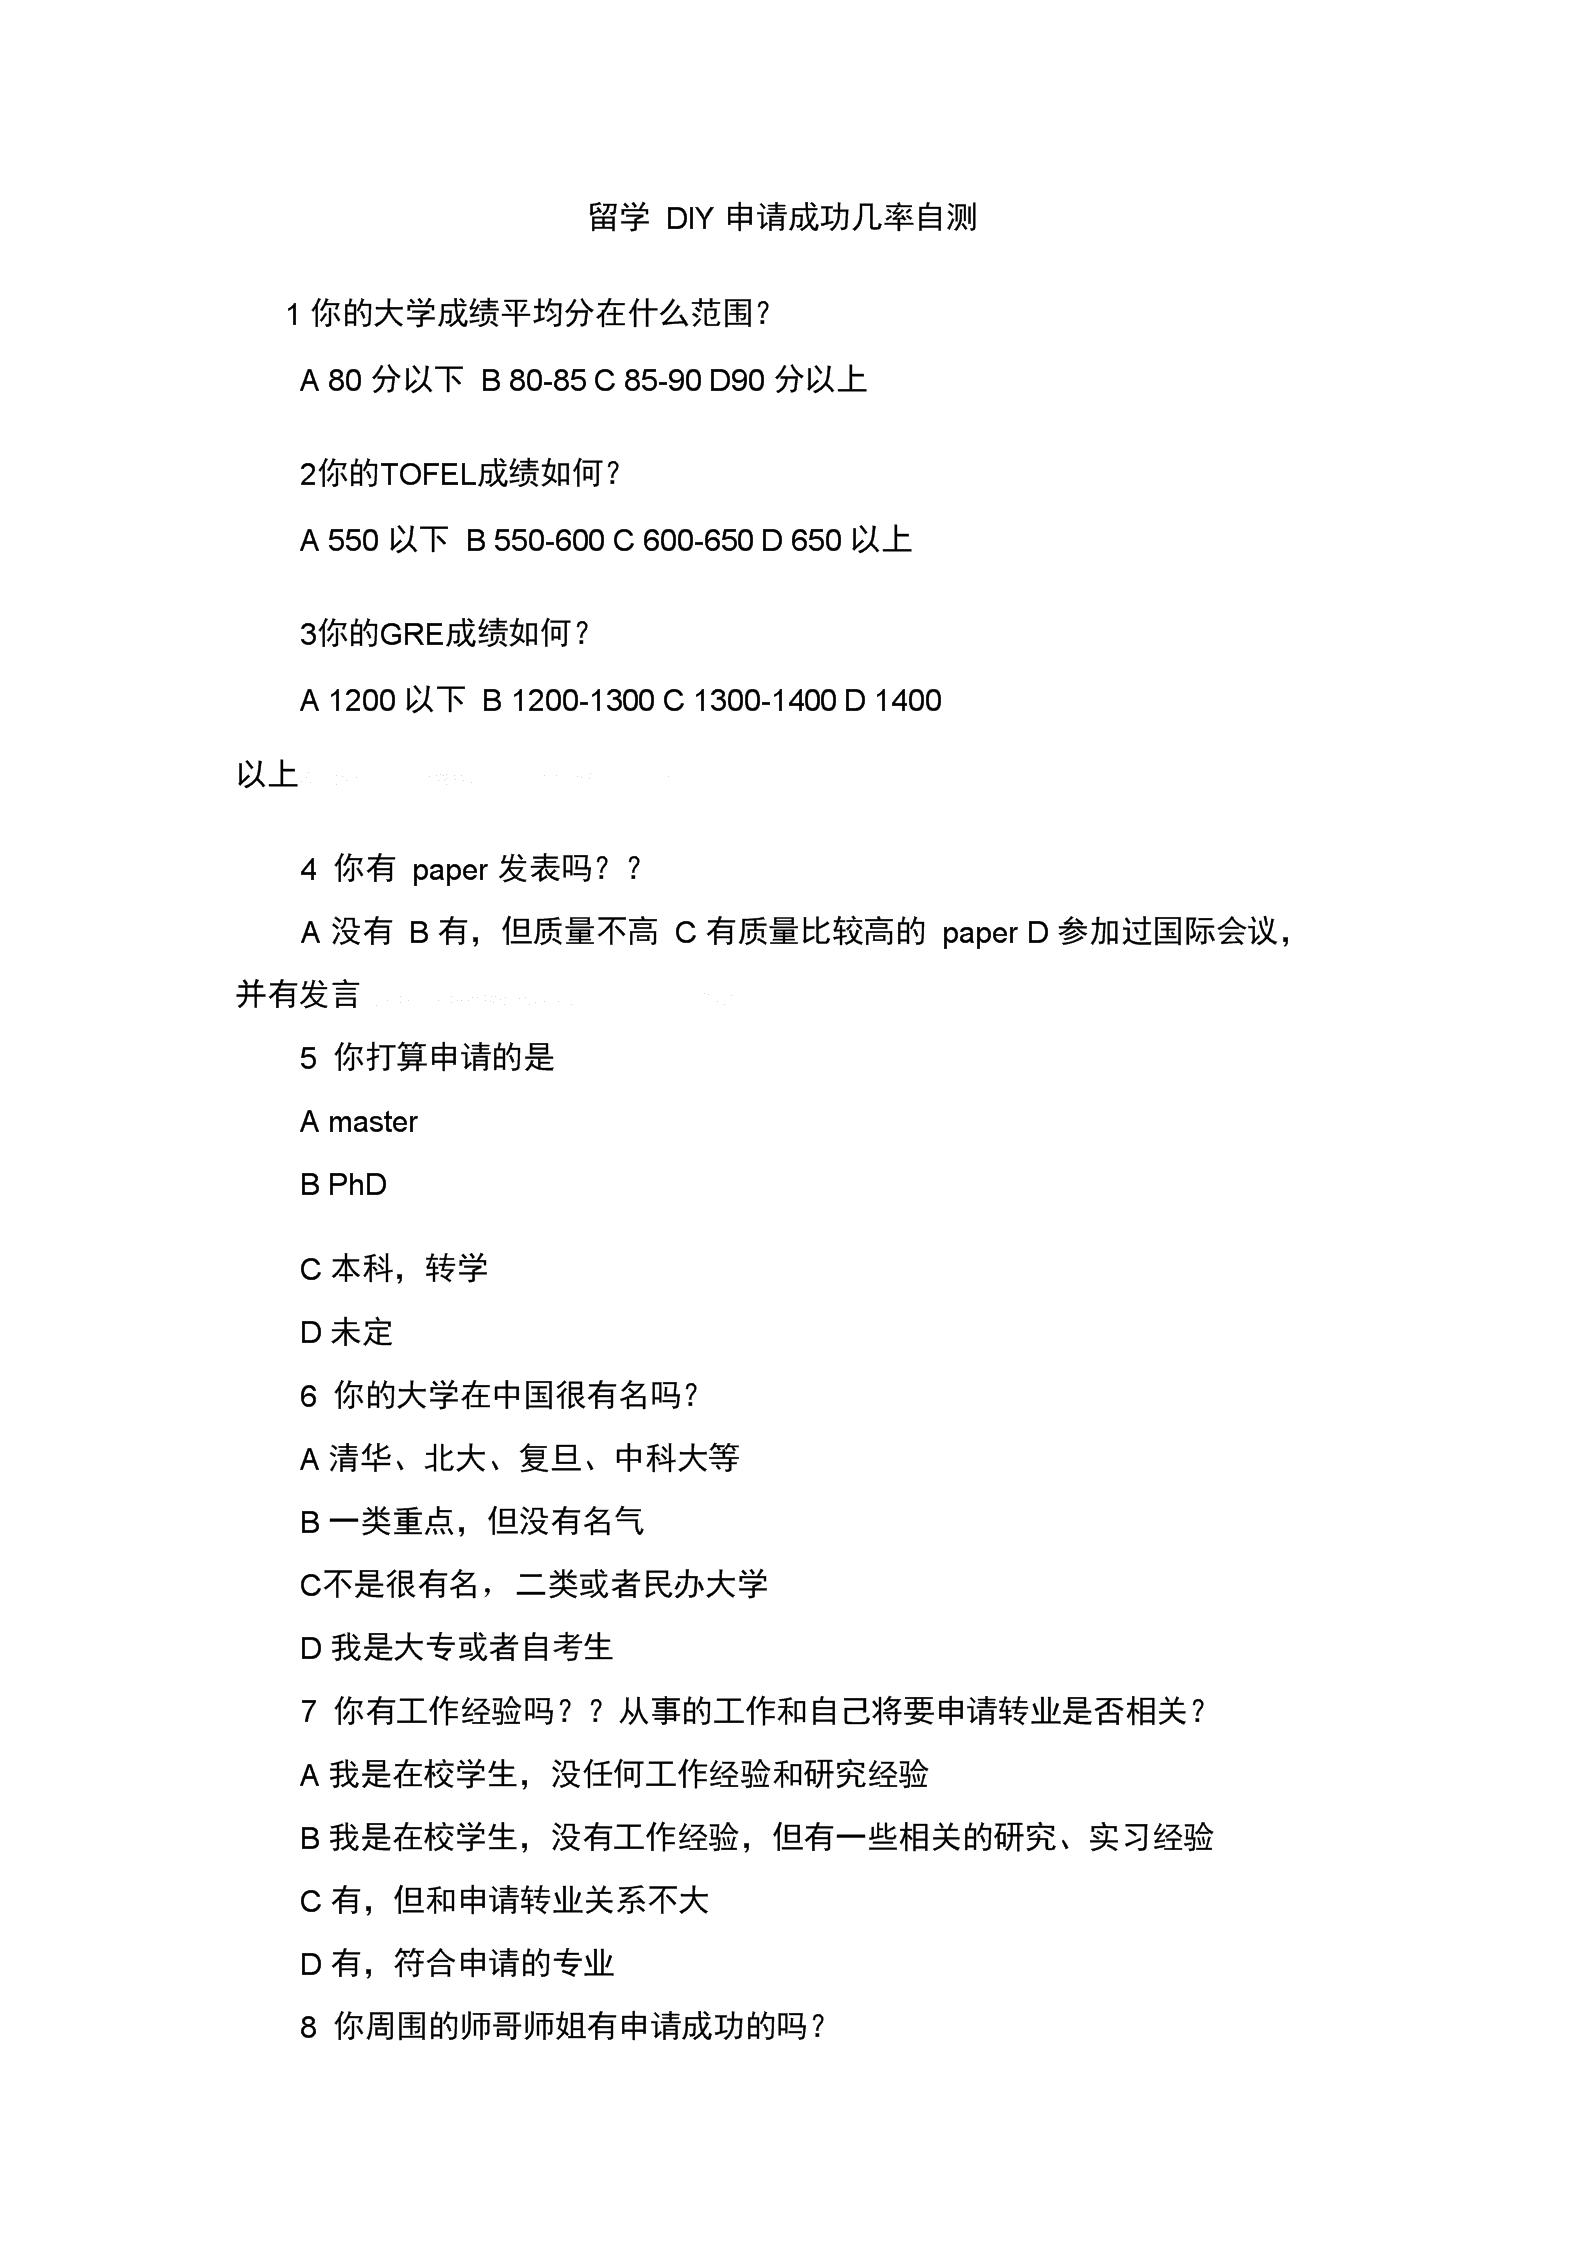 留学DIY申请成功几率自测.docx